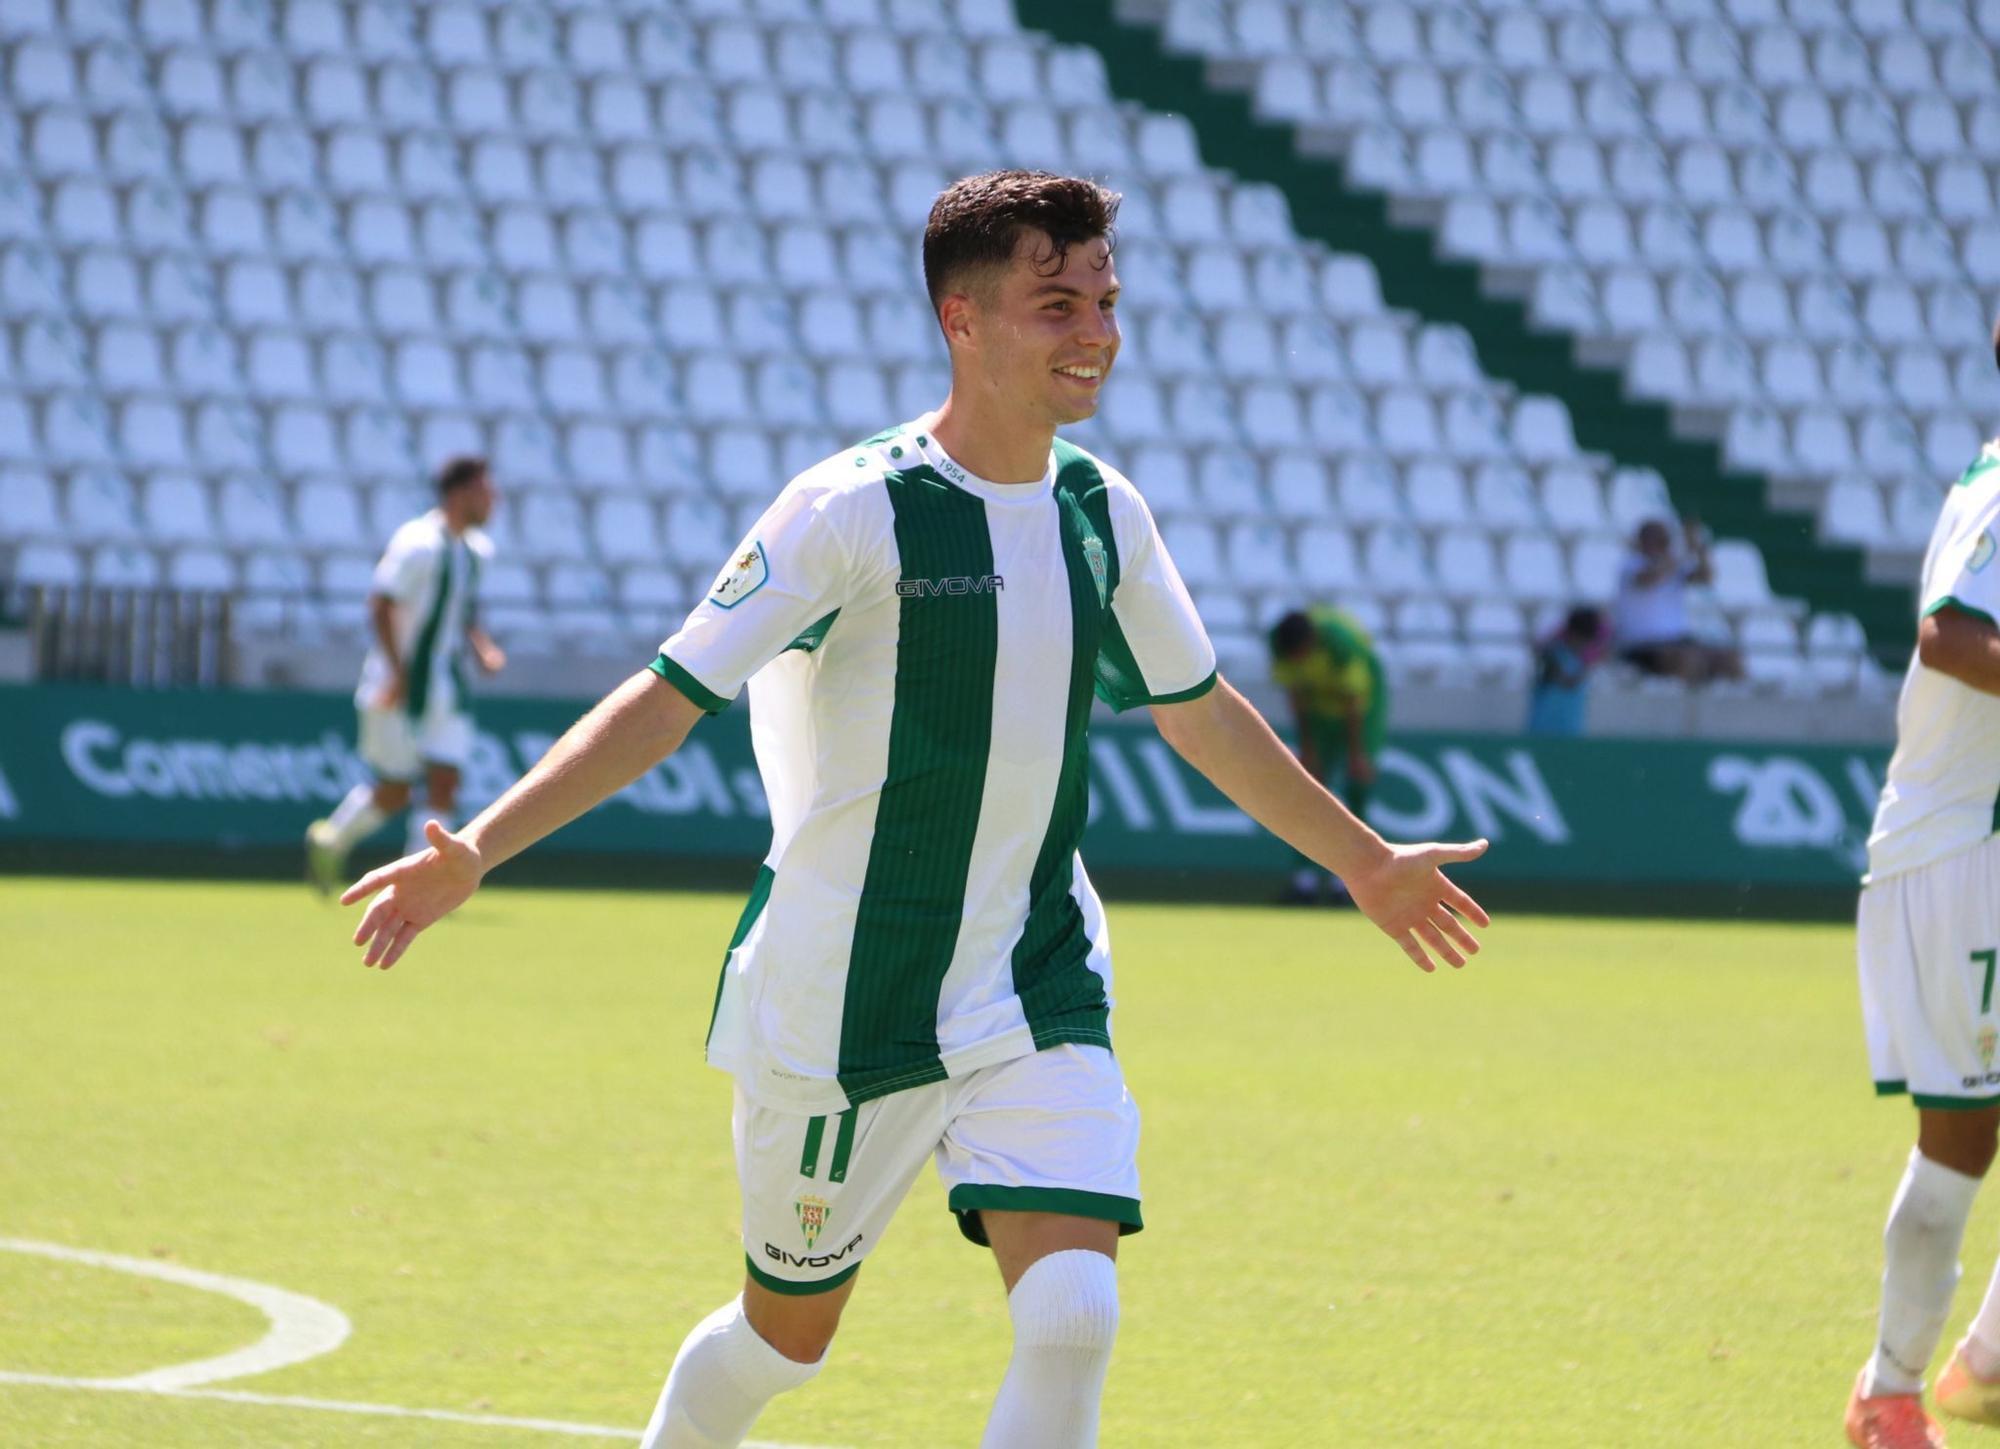 El filial del Córdoba CF se despide en El Arcángel a lo grande